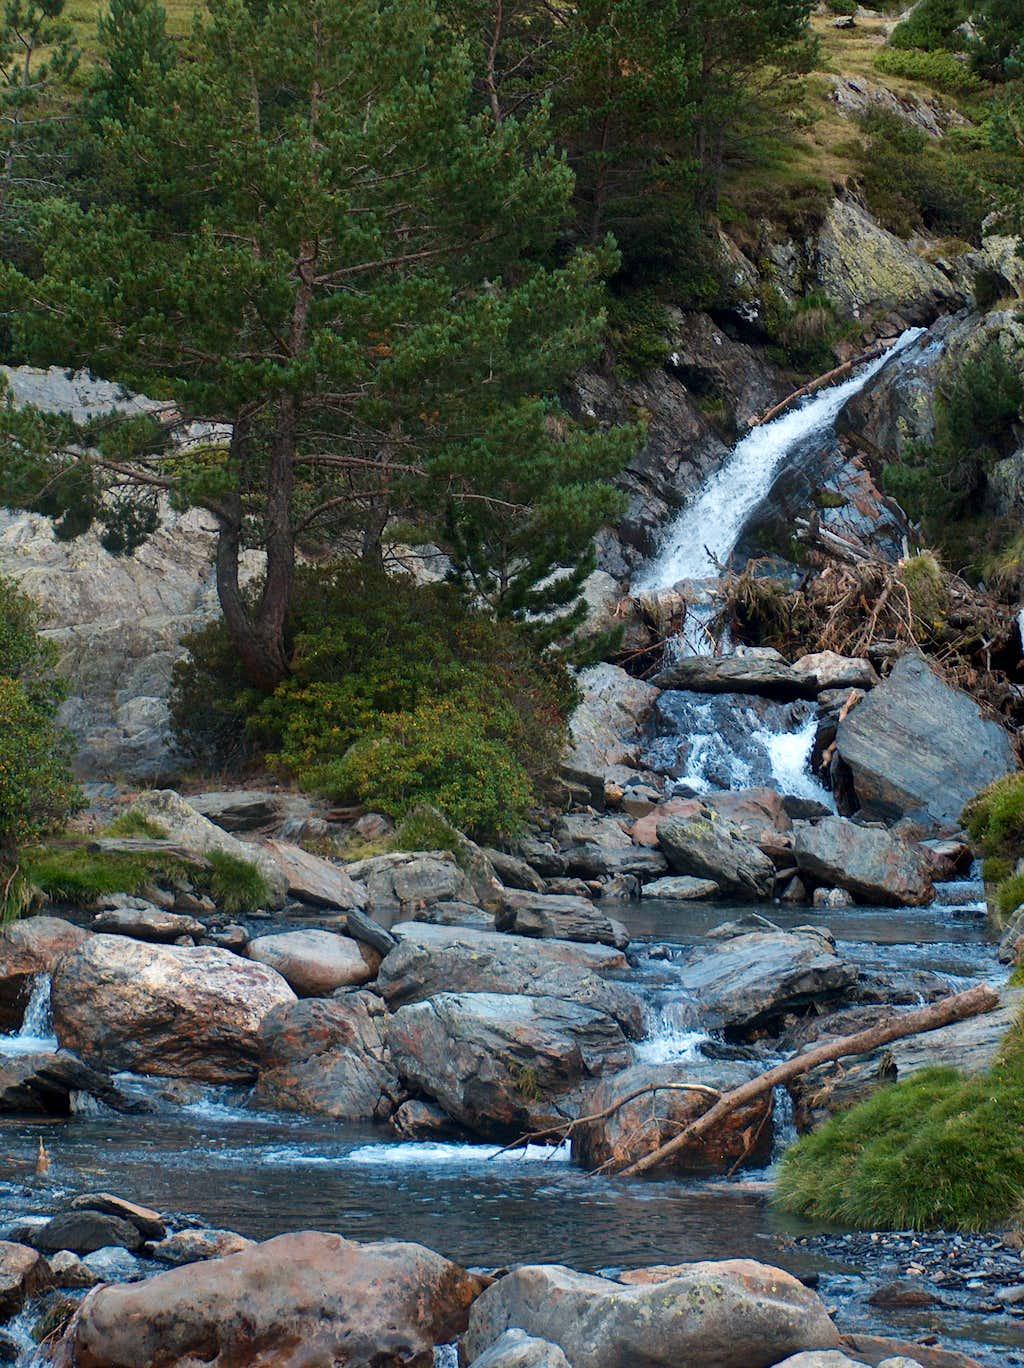 The Rioumajou trail to Port d'Ourdissetou